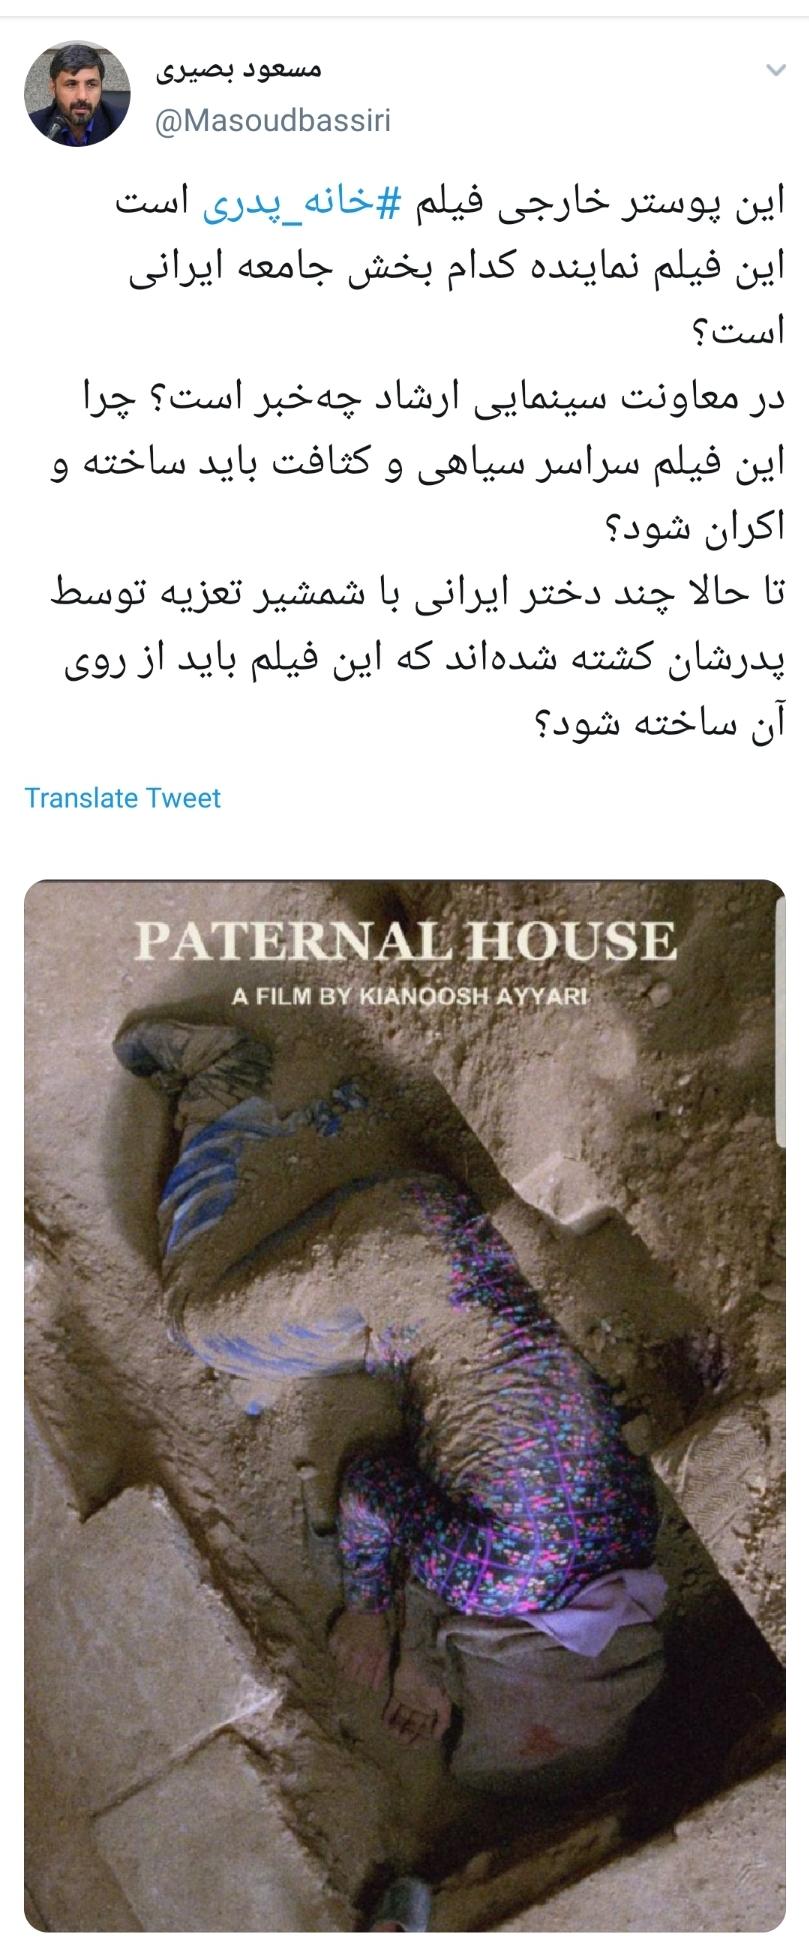 به پرده رفتن #خانه_پدری یک جنایت فرهنگی در حق کشور است +تصاویر